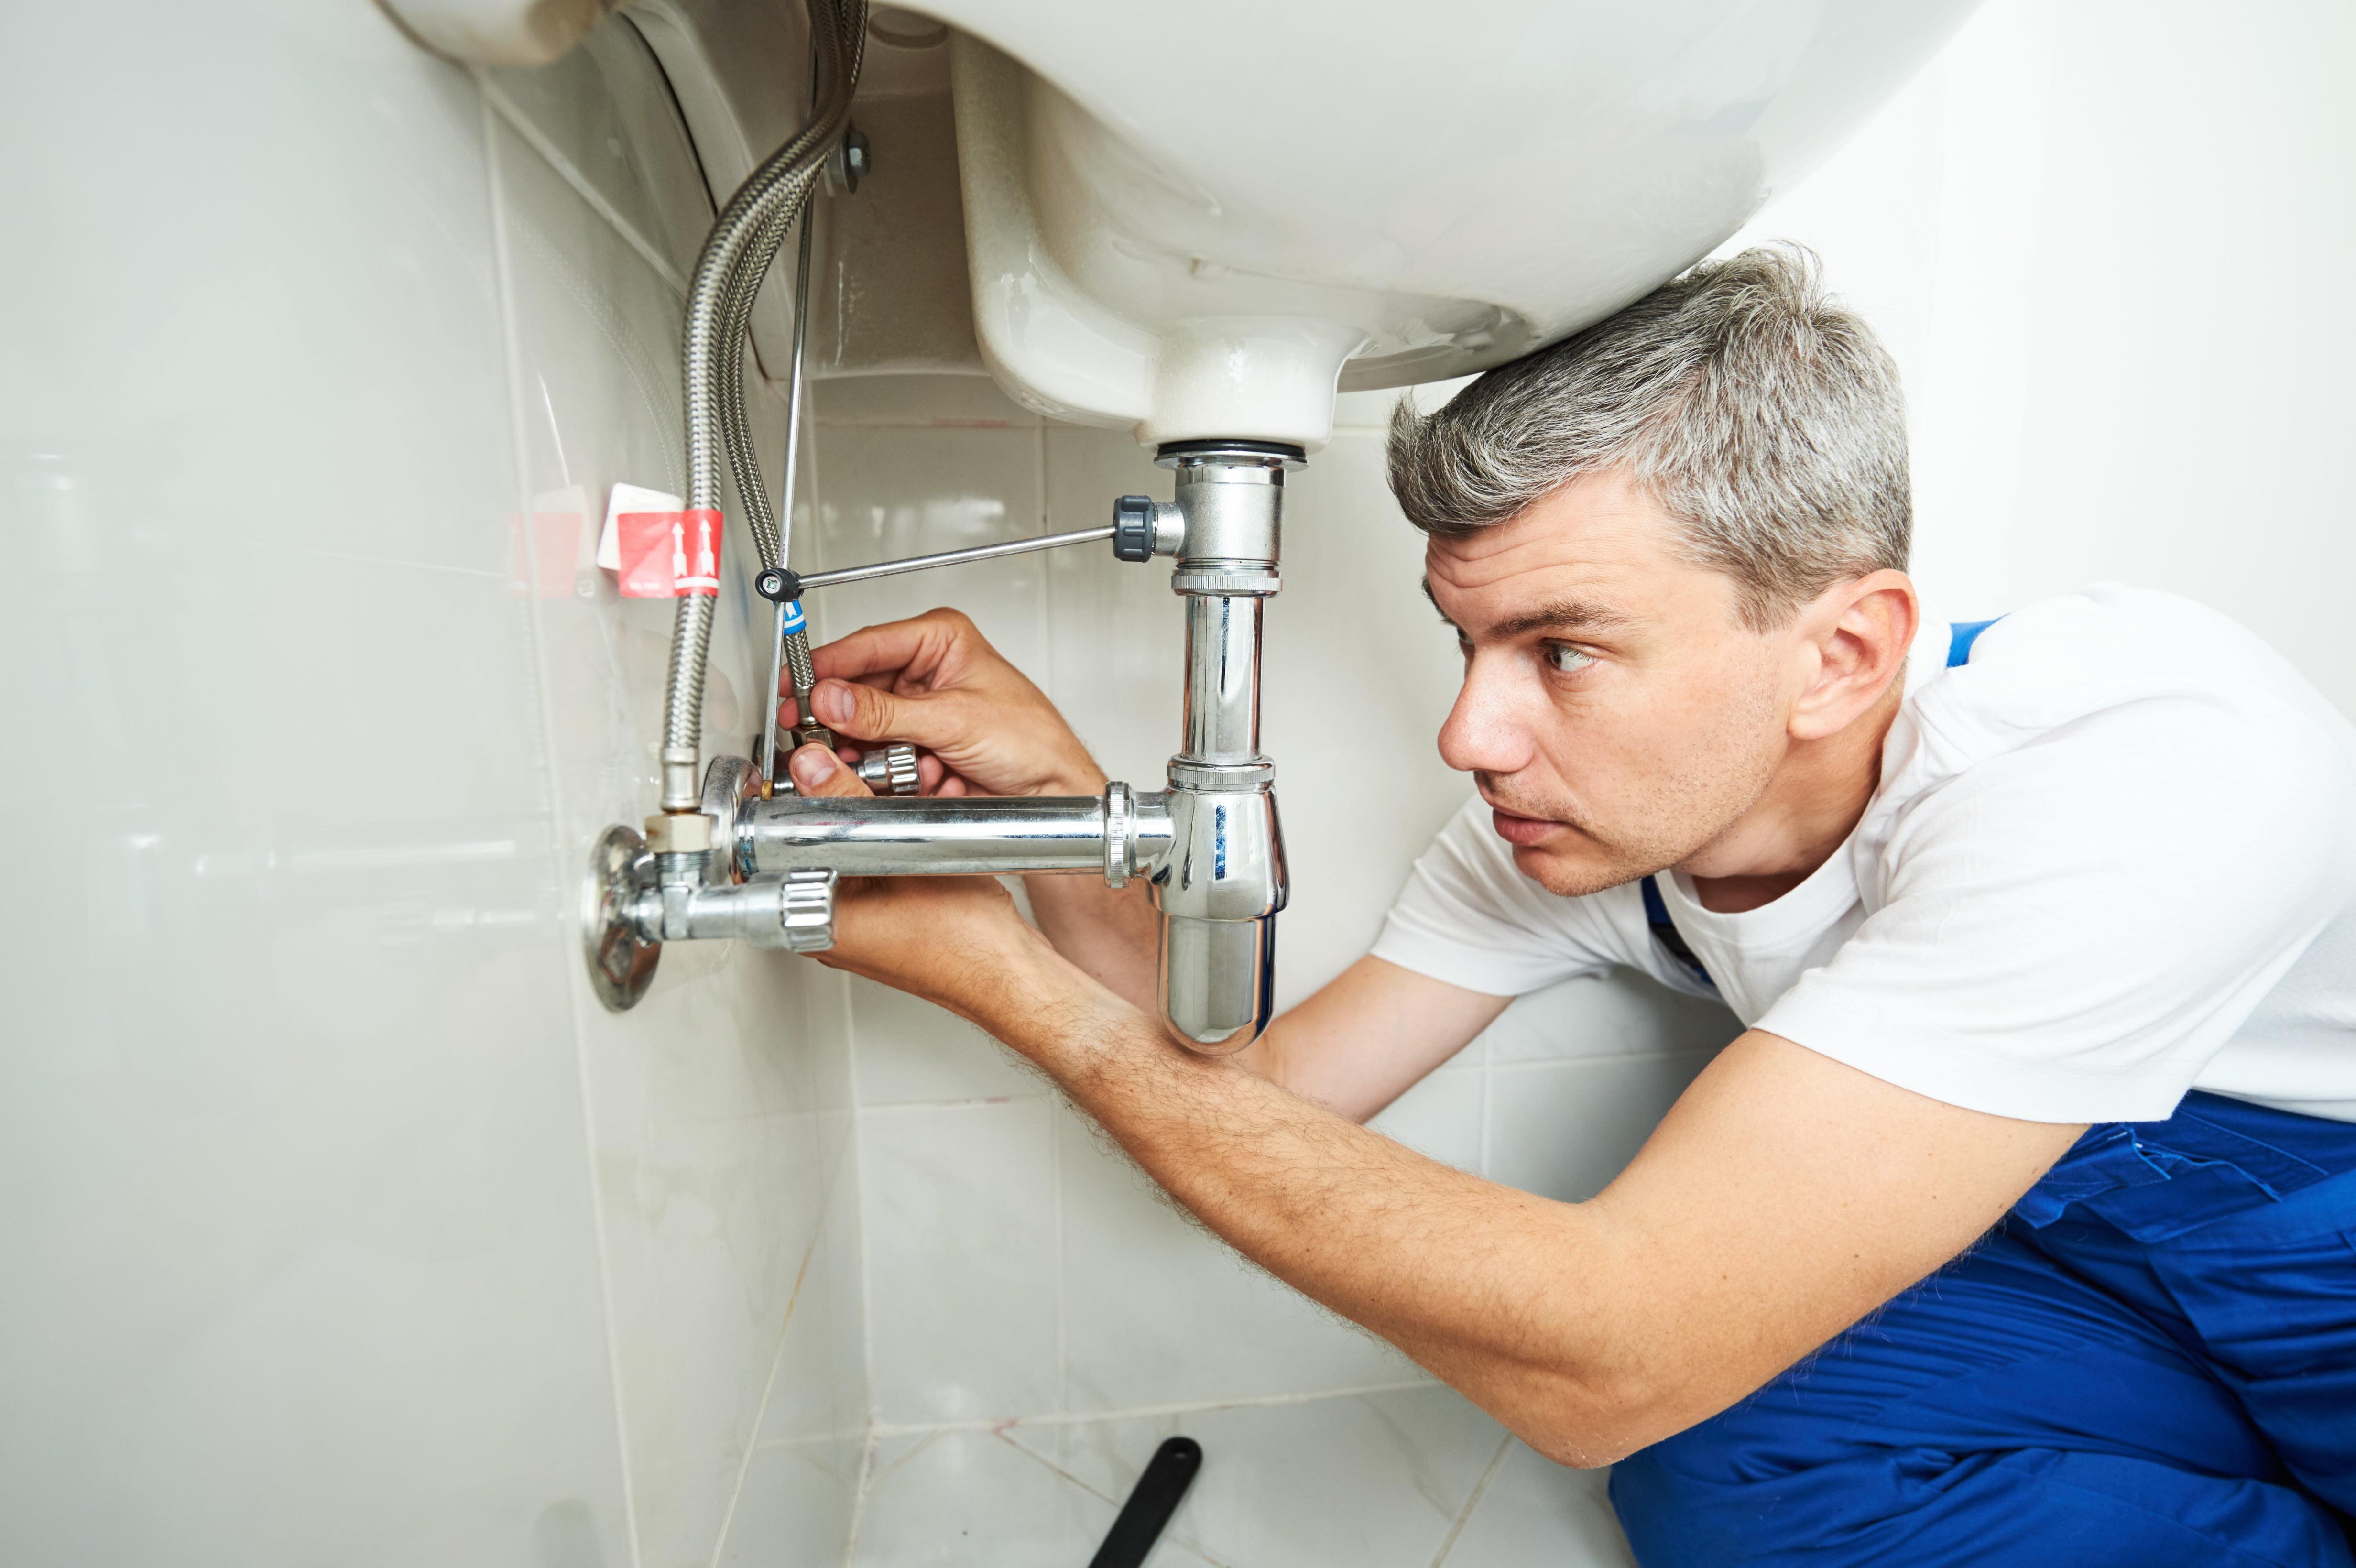 plumber maintenance leaky faucet repair rental home